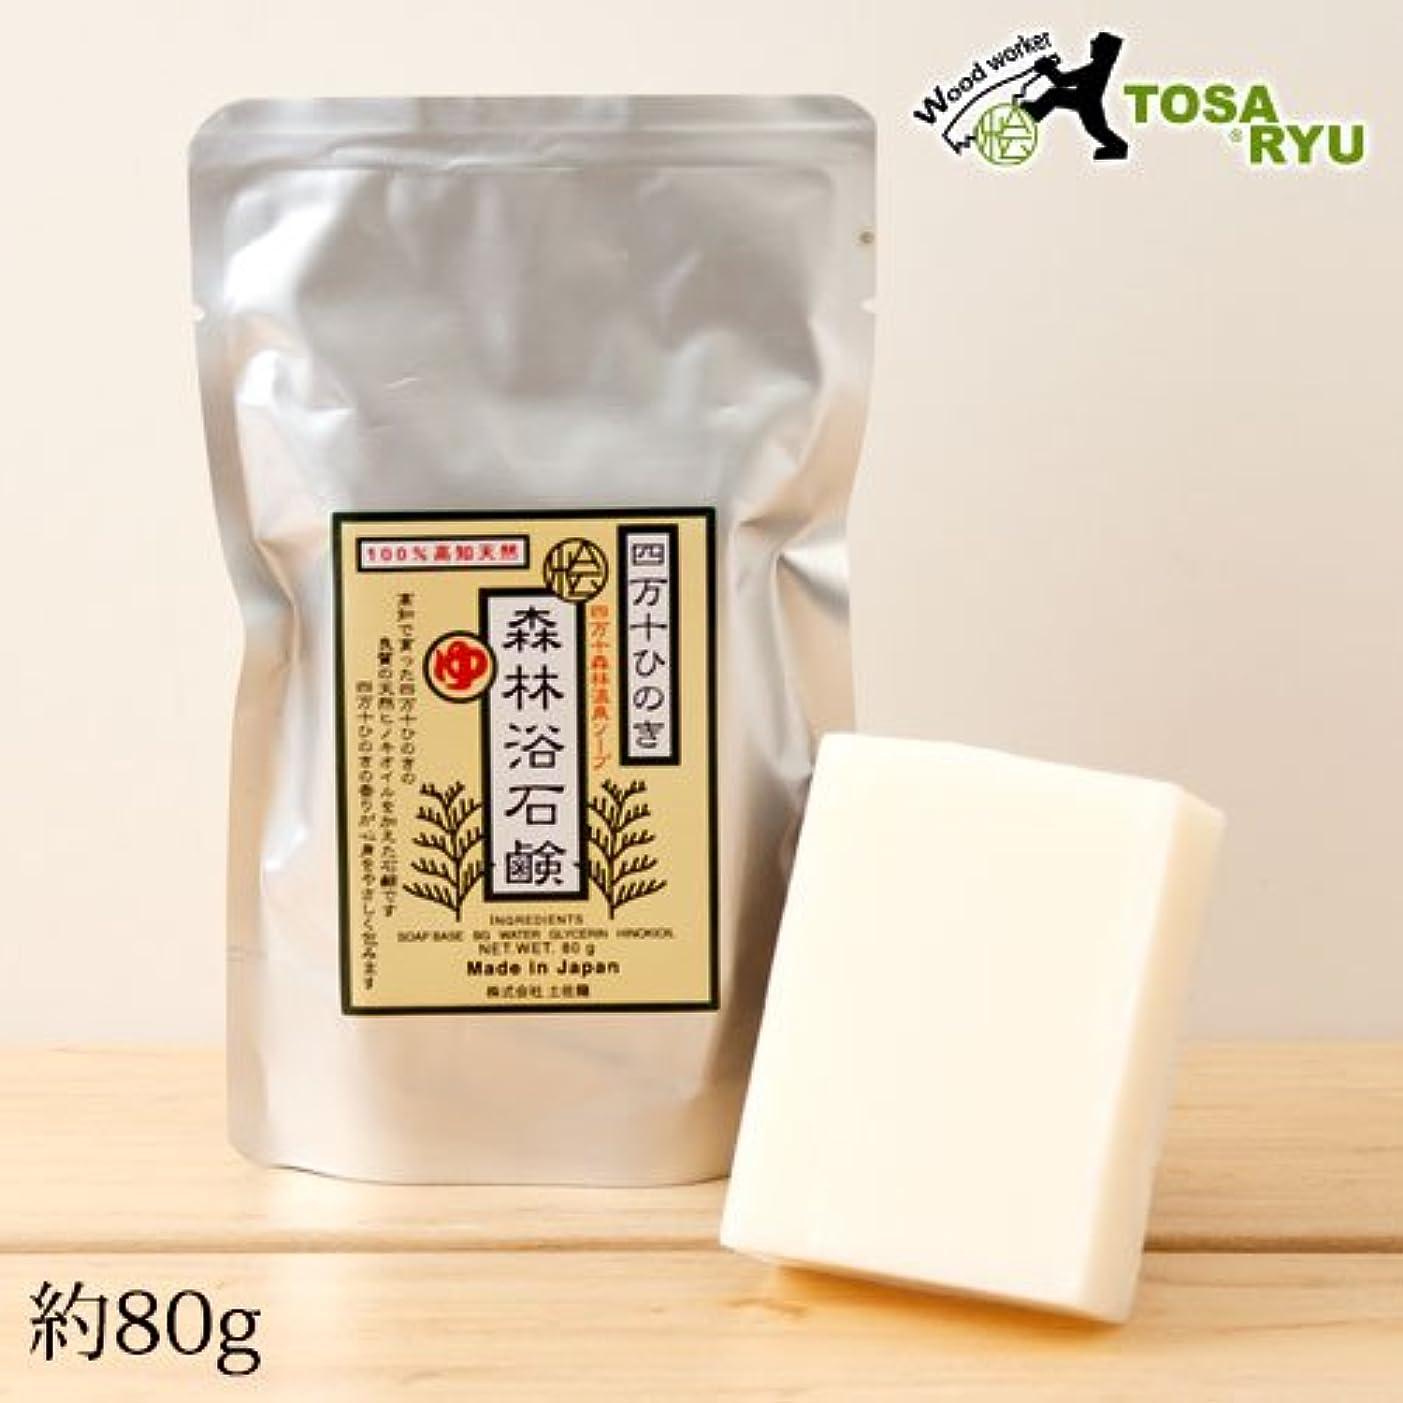 ロデオ繰り返しはしご土佐龍四万十森林温泉石鹸ひのきの香りのアロマソープ高知県の工芸品Aroma soap scent of cypress, Kochi craft